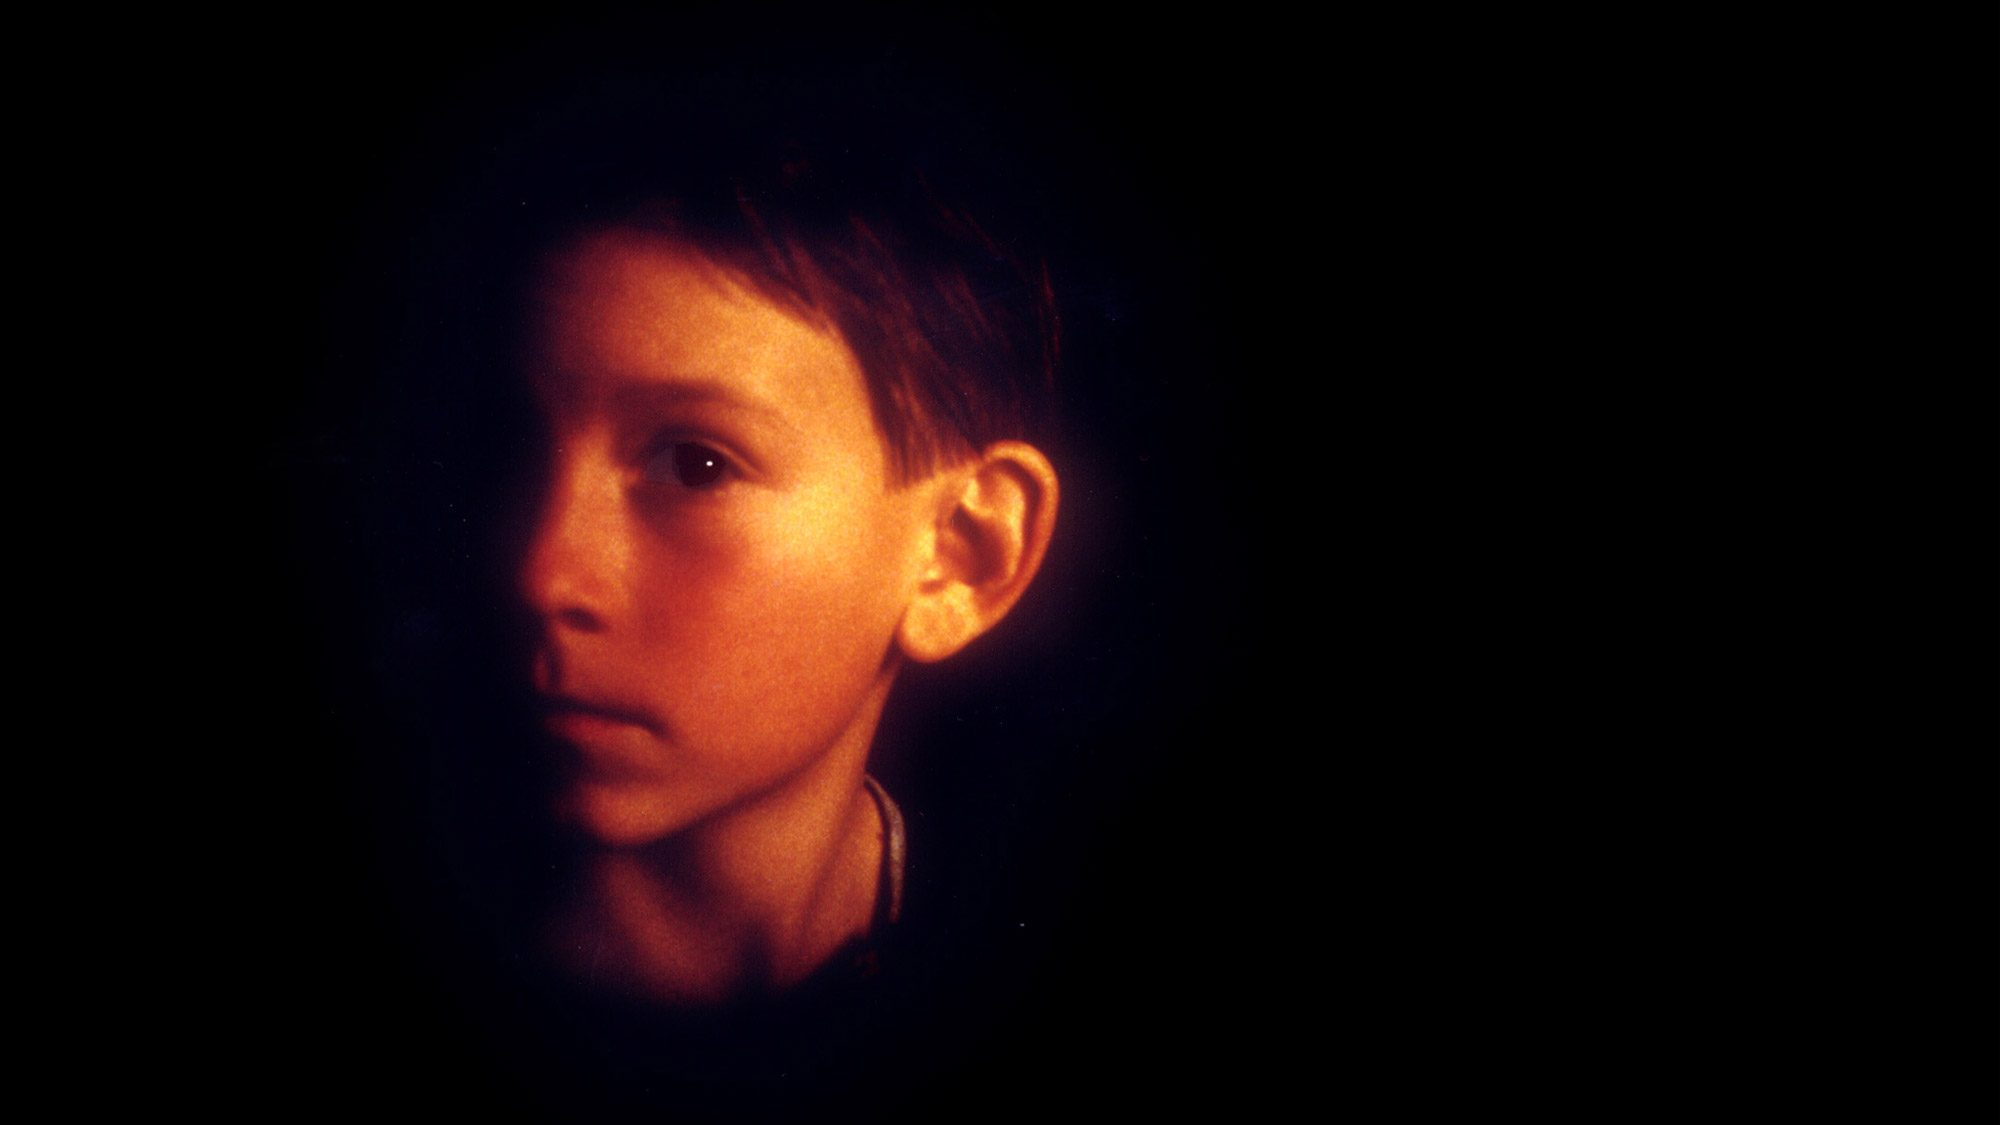 Non, Erik Per Sullivan n'est pas atteint du syndrome d'Asperger